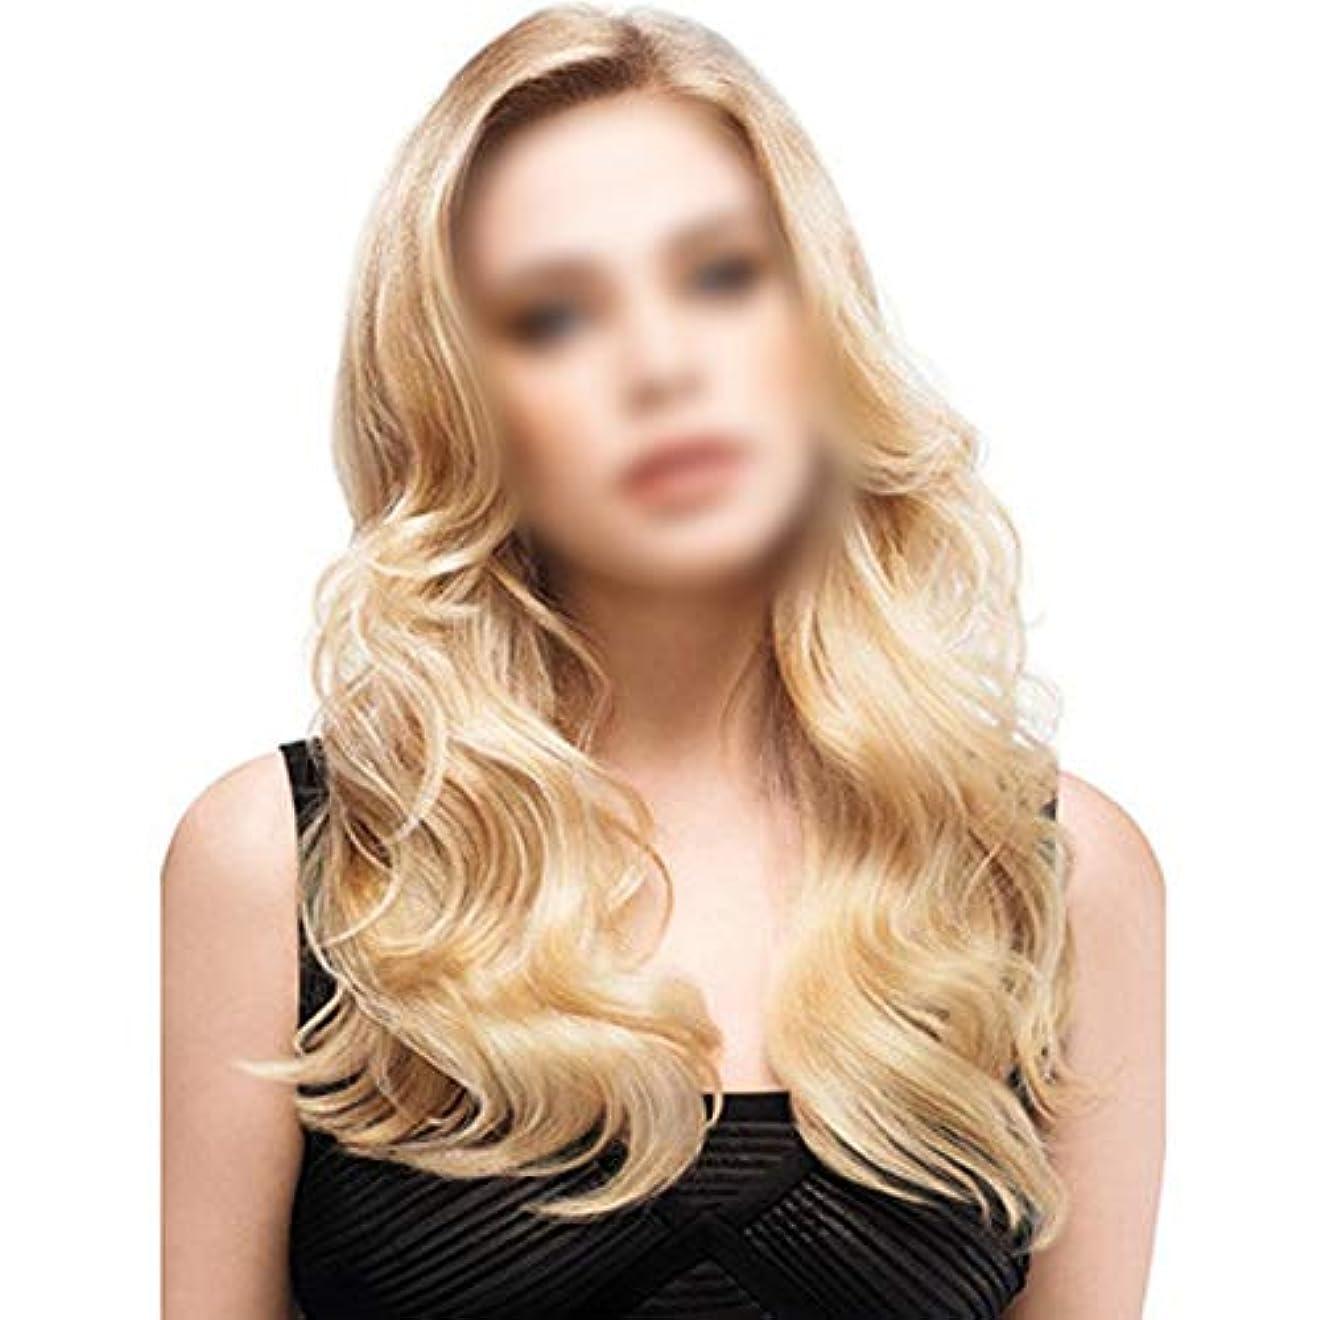 インタビューマトン時間とともにWASAIO 女性のためのスタイルの交換のための長い巻き毛の波状のブロンドのかつらアクセサリー毎日のドレス耐熱繊維+キャップ (色 : Blonde, サイズ : 65cm)